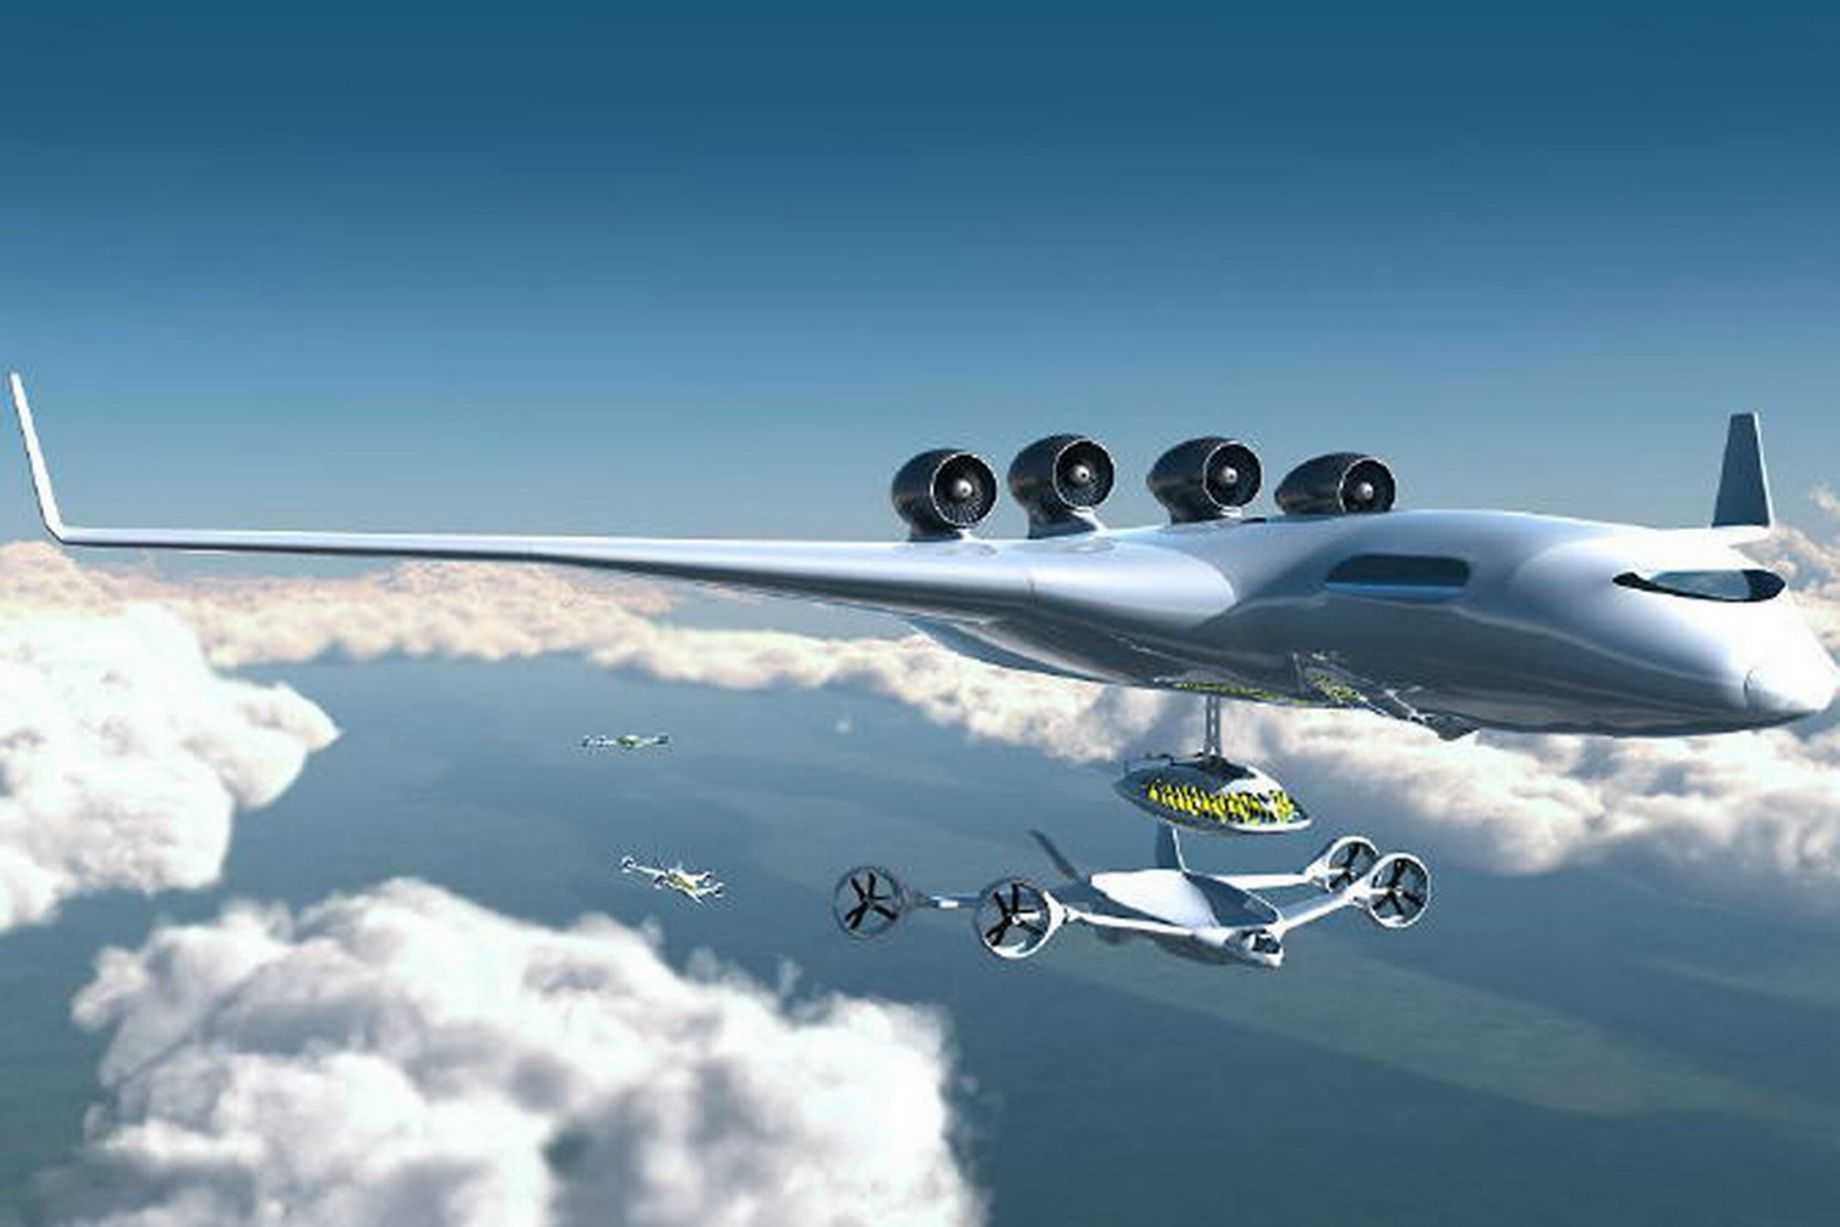 Trung chuyển hành khách giữa không trung là tương lai mới của ngành hàng không